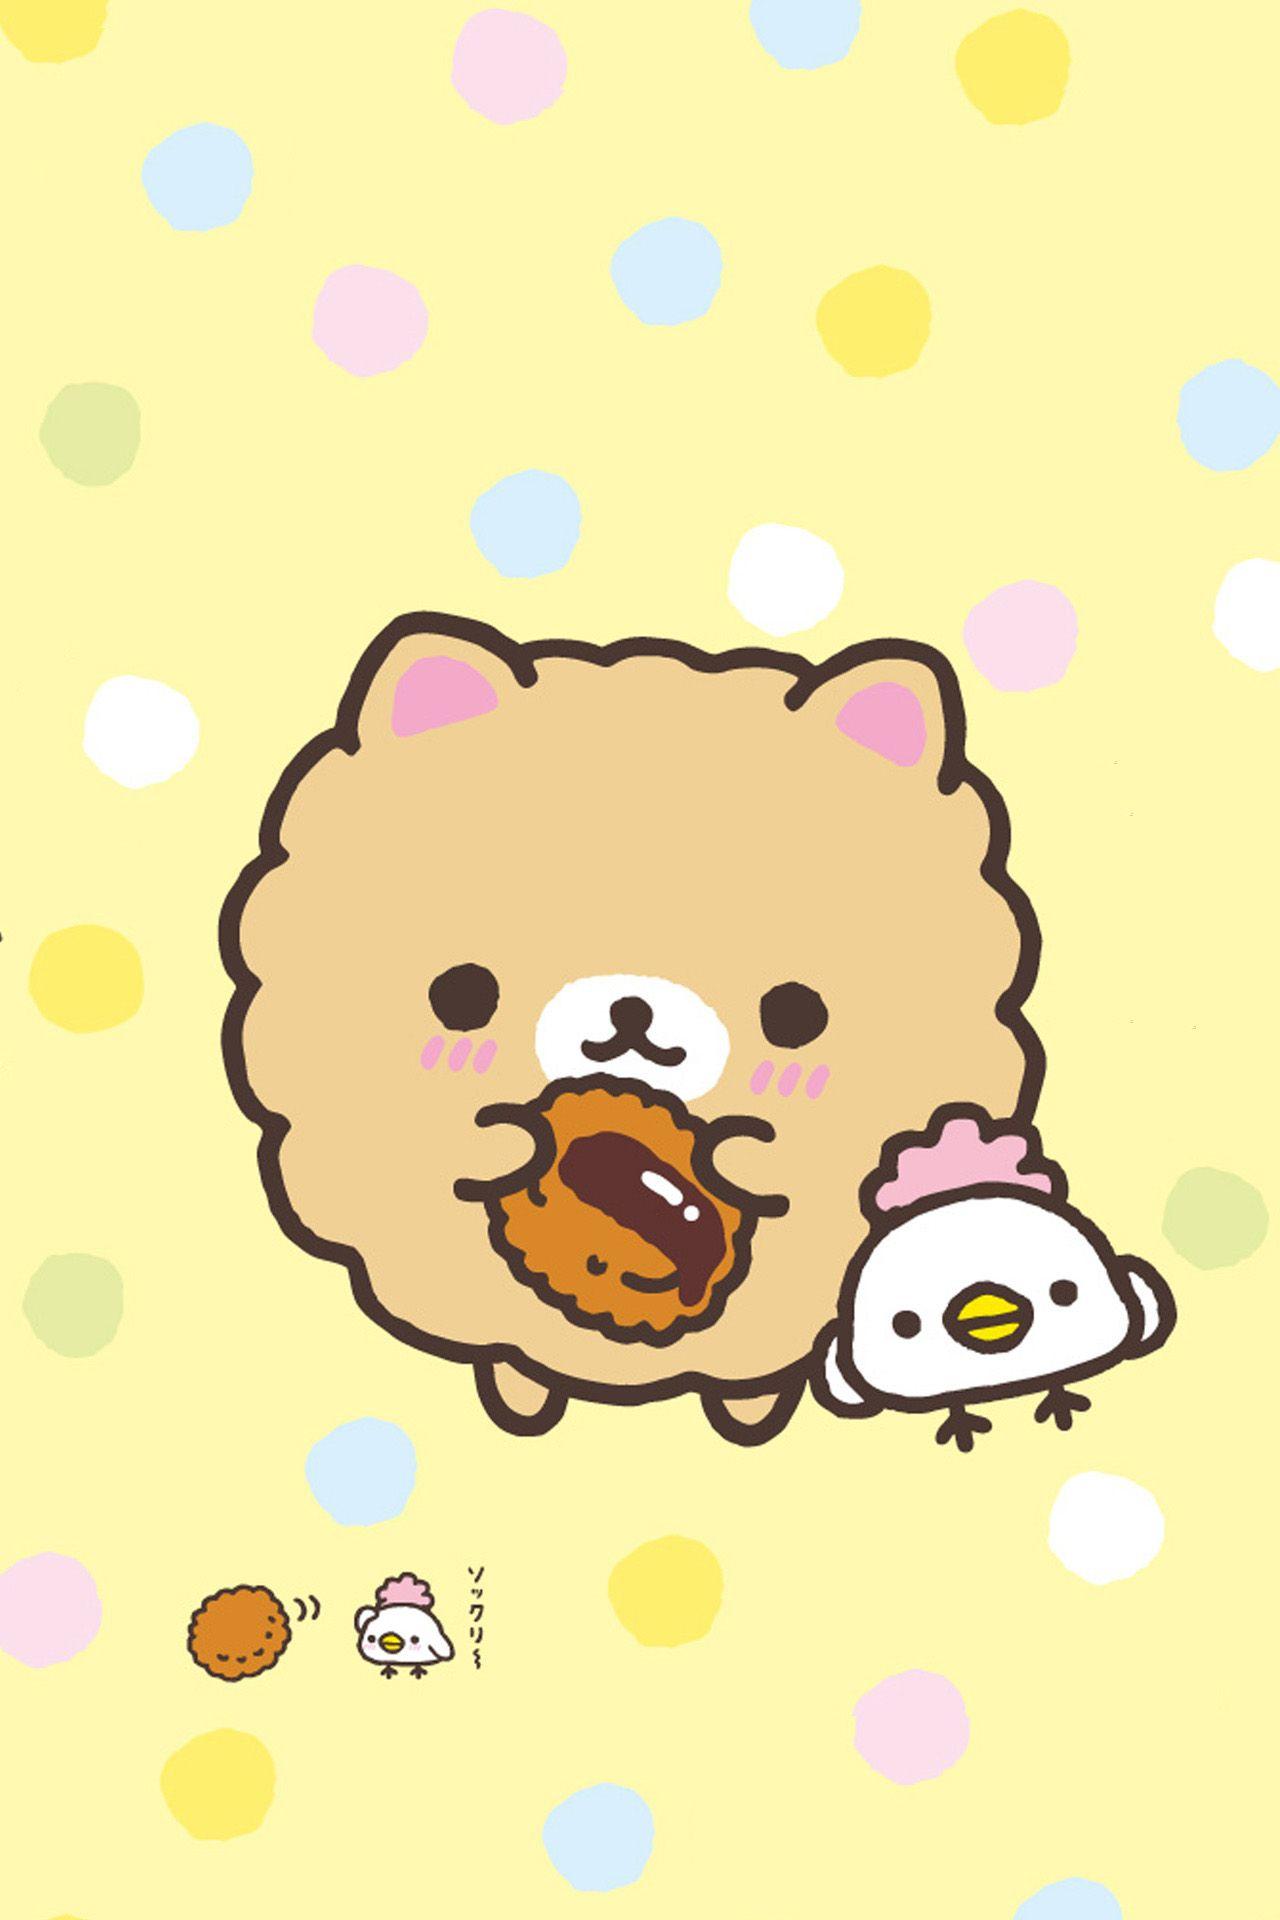 Rilakkuma Soo Kawaii Download More Super Cute IPhone Wallpapers At Prettywallpaper